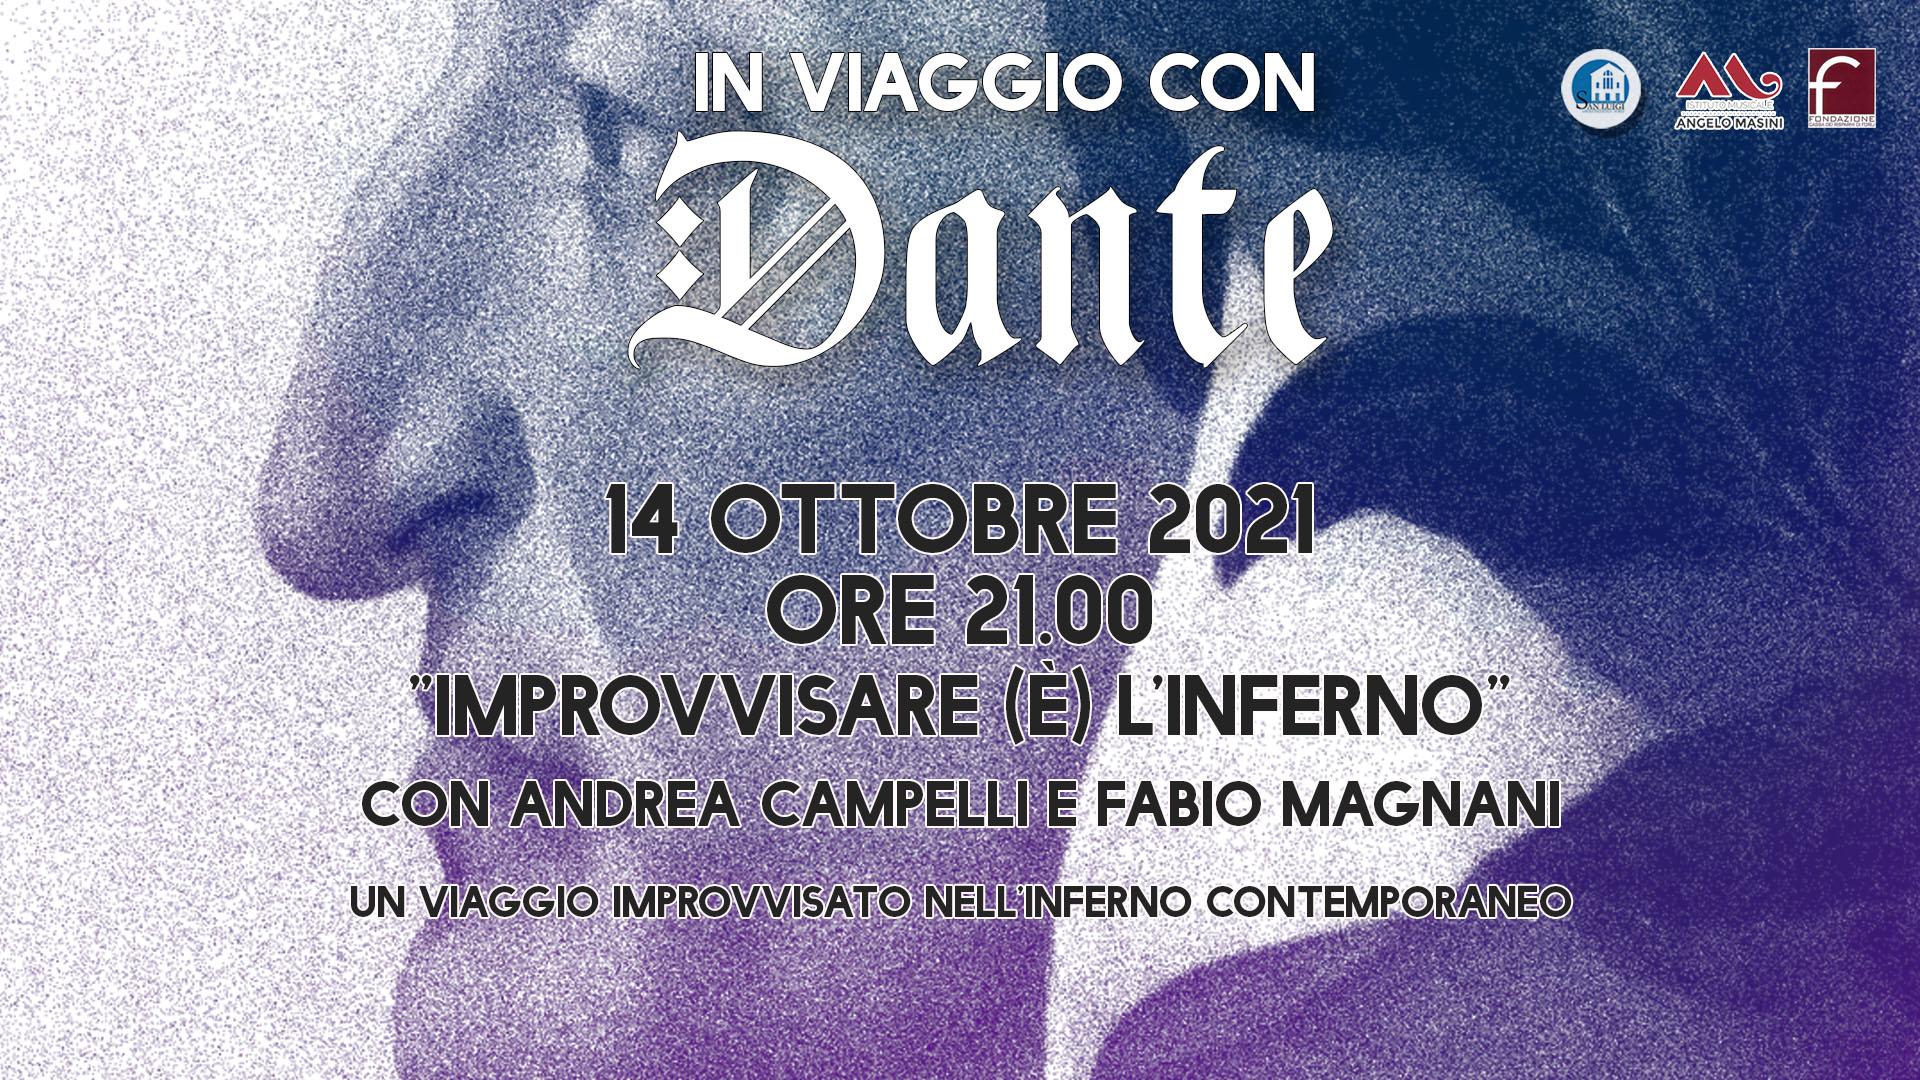 Evento speciale: IMPROVVISARE  (È) L'INFERNO - Dante Alighieri nell'improvvisazione teatrale - Giovedì 14 Ottobre alle 21